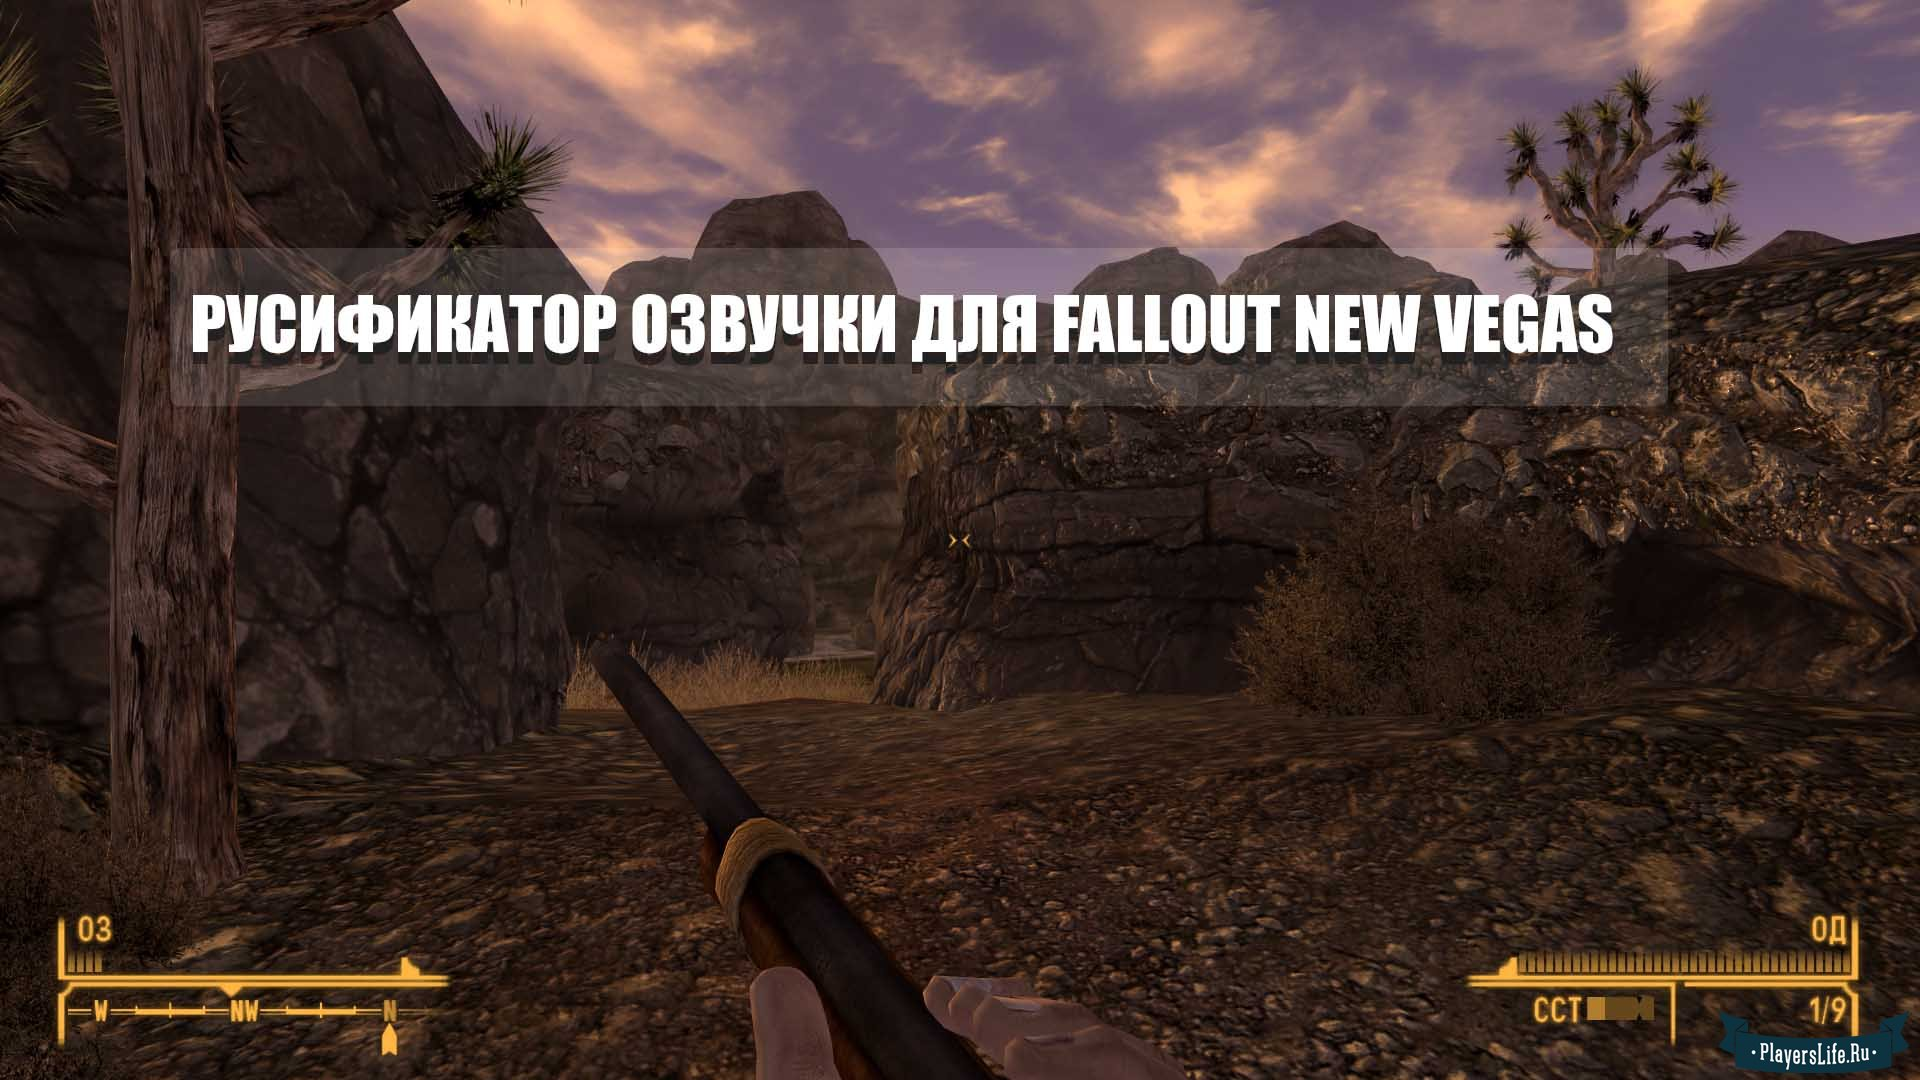 Русификатор для fallout 4 (текст) скачать торрент русификаторы.